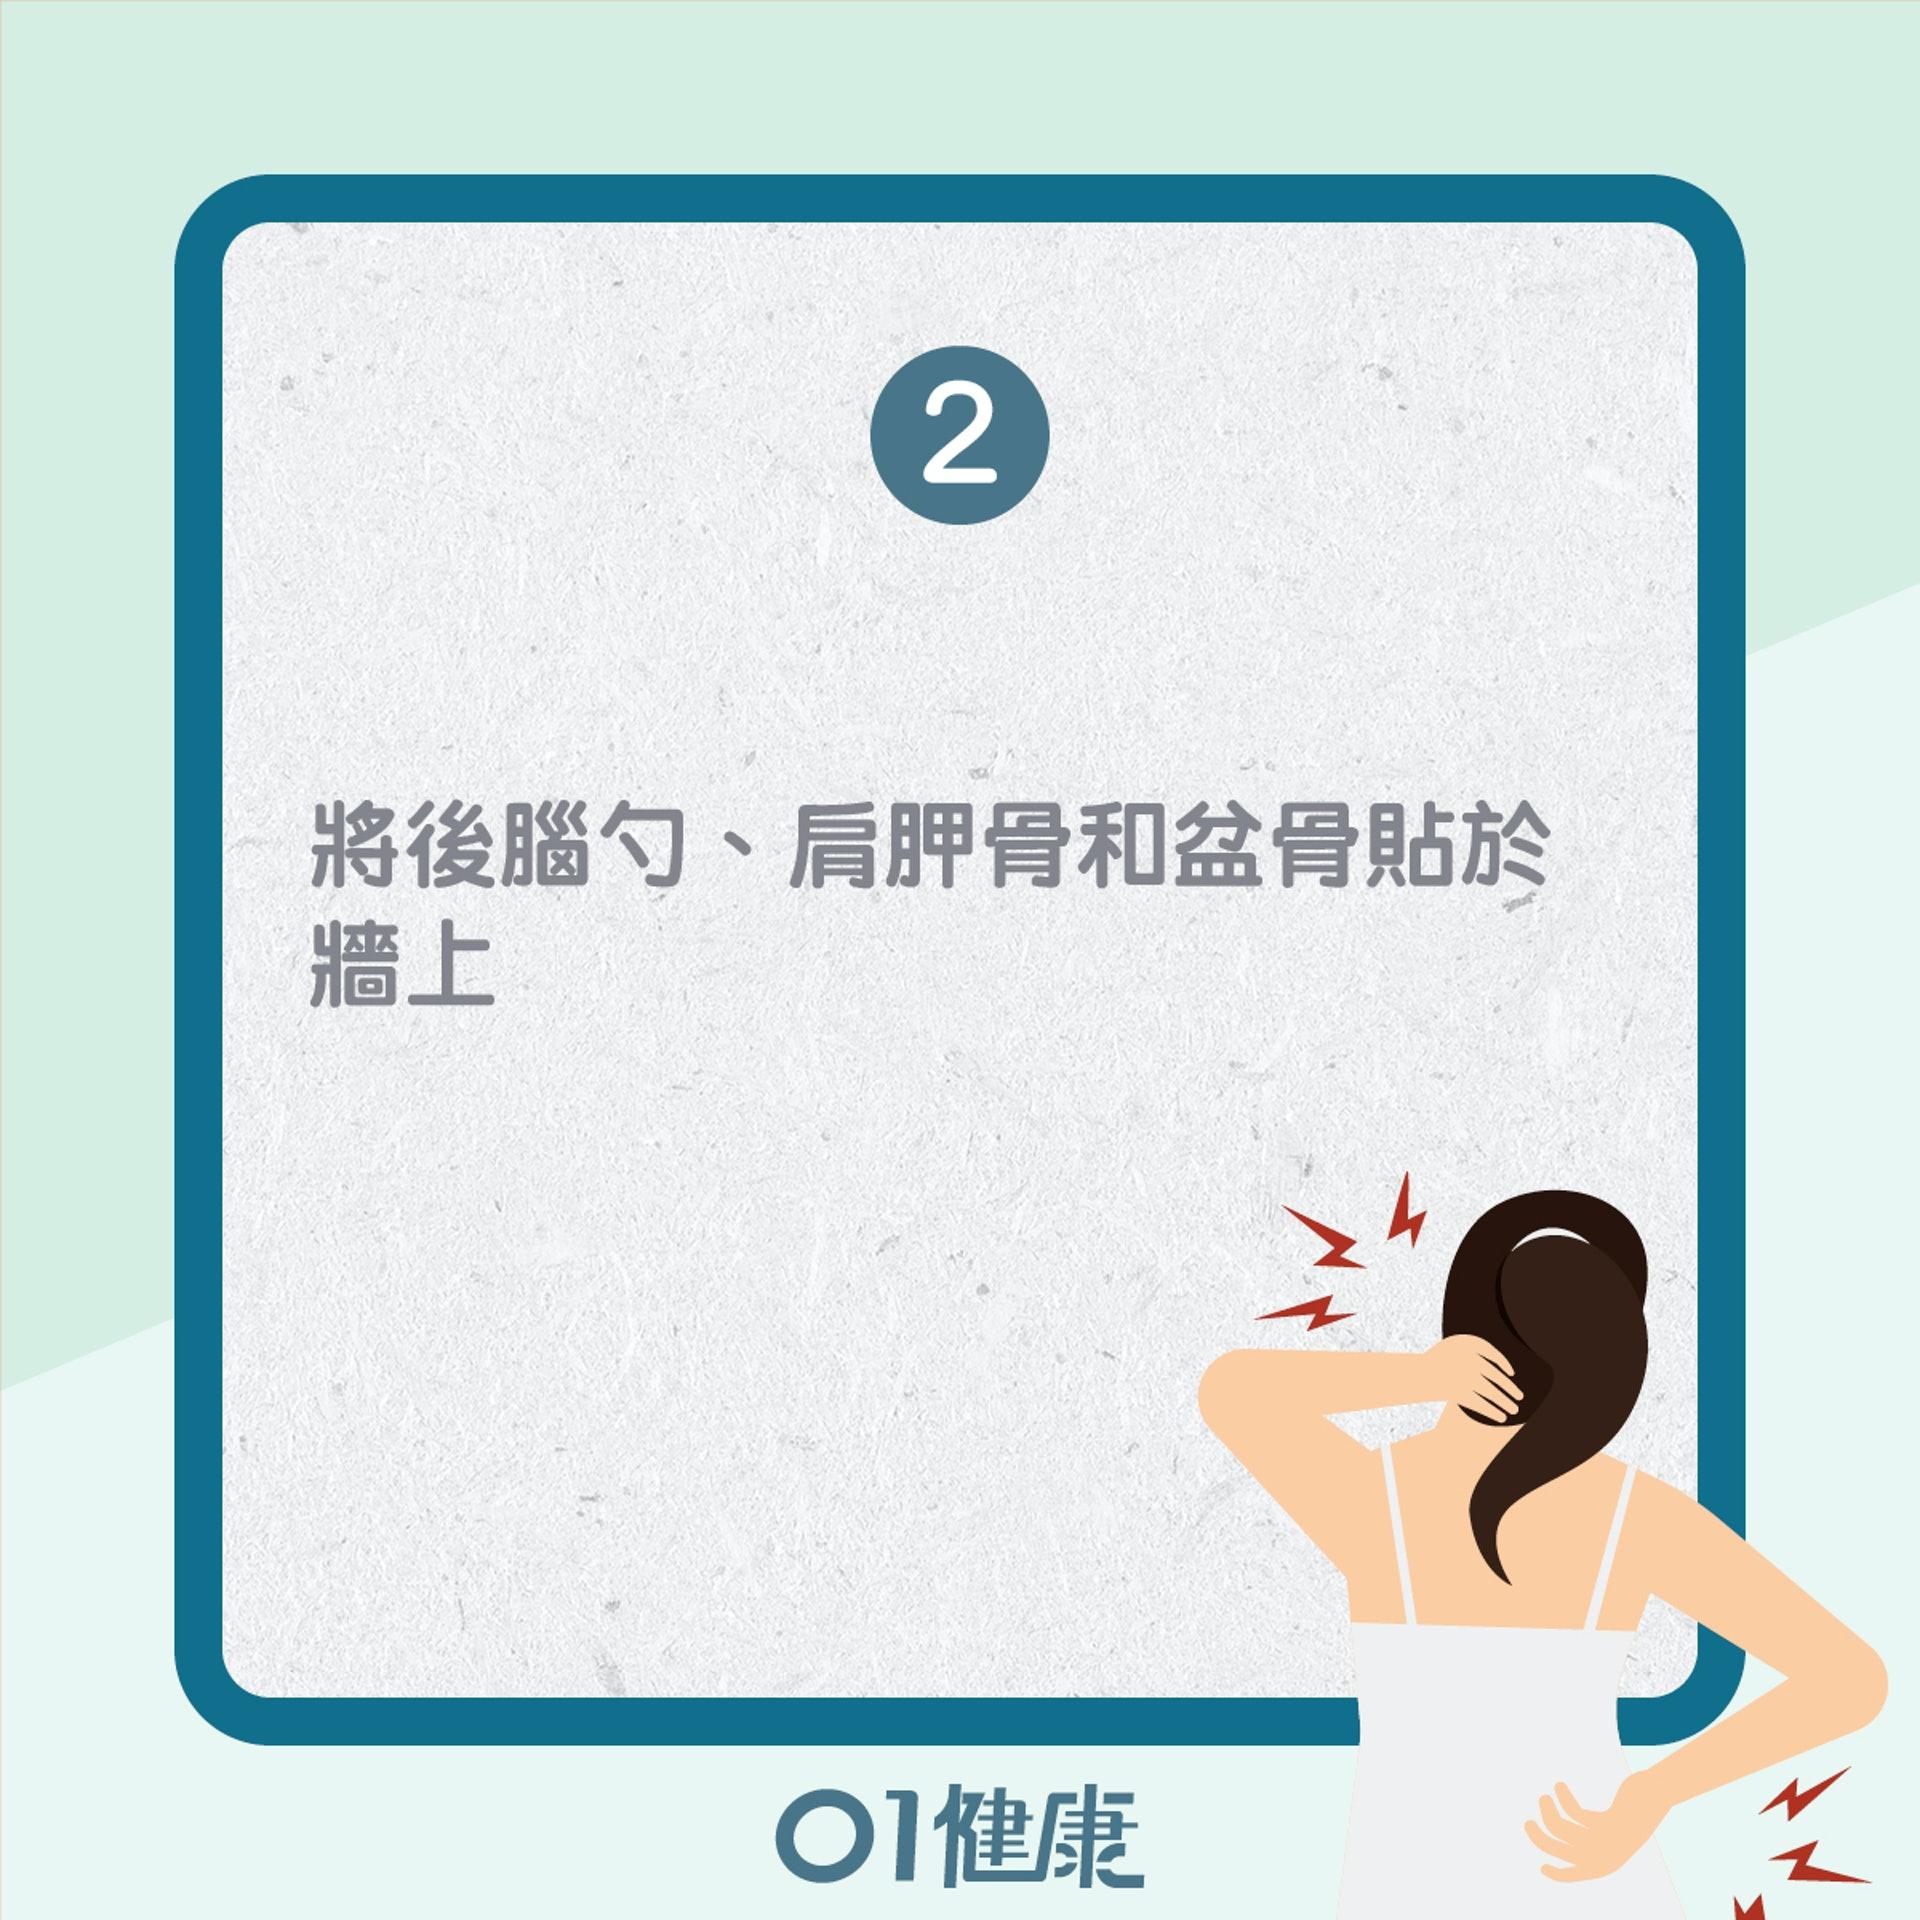 圓肩自我檢測(01製圖)